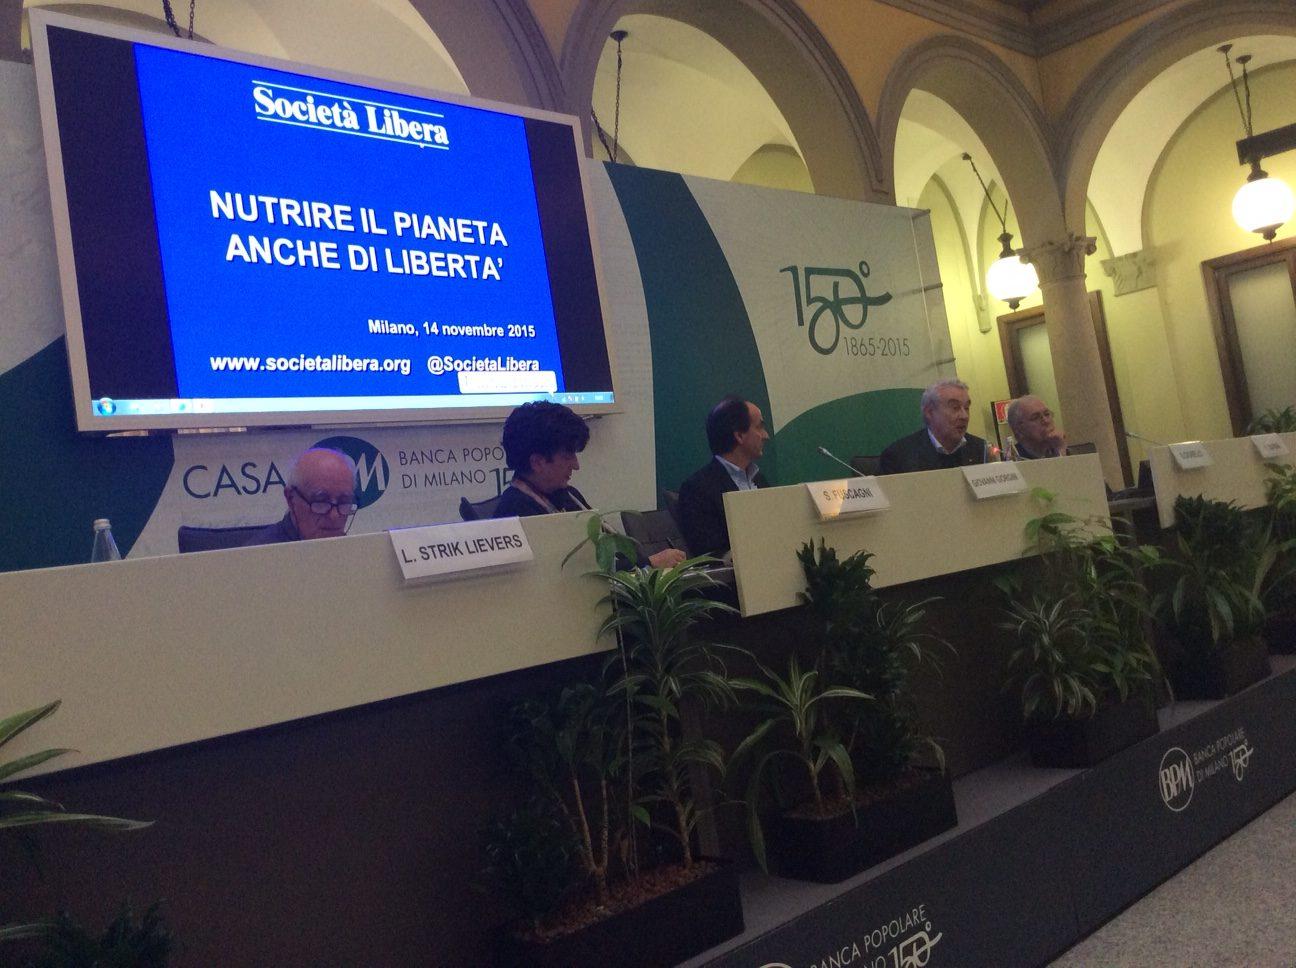 Milano, Nutrire il Pianeta anche di Libertà, 14 novembre 2015